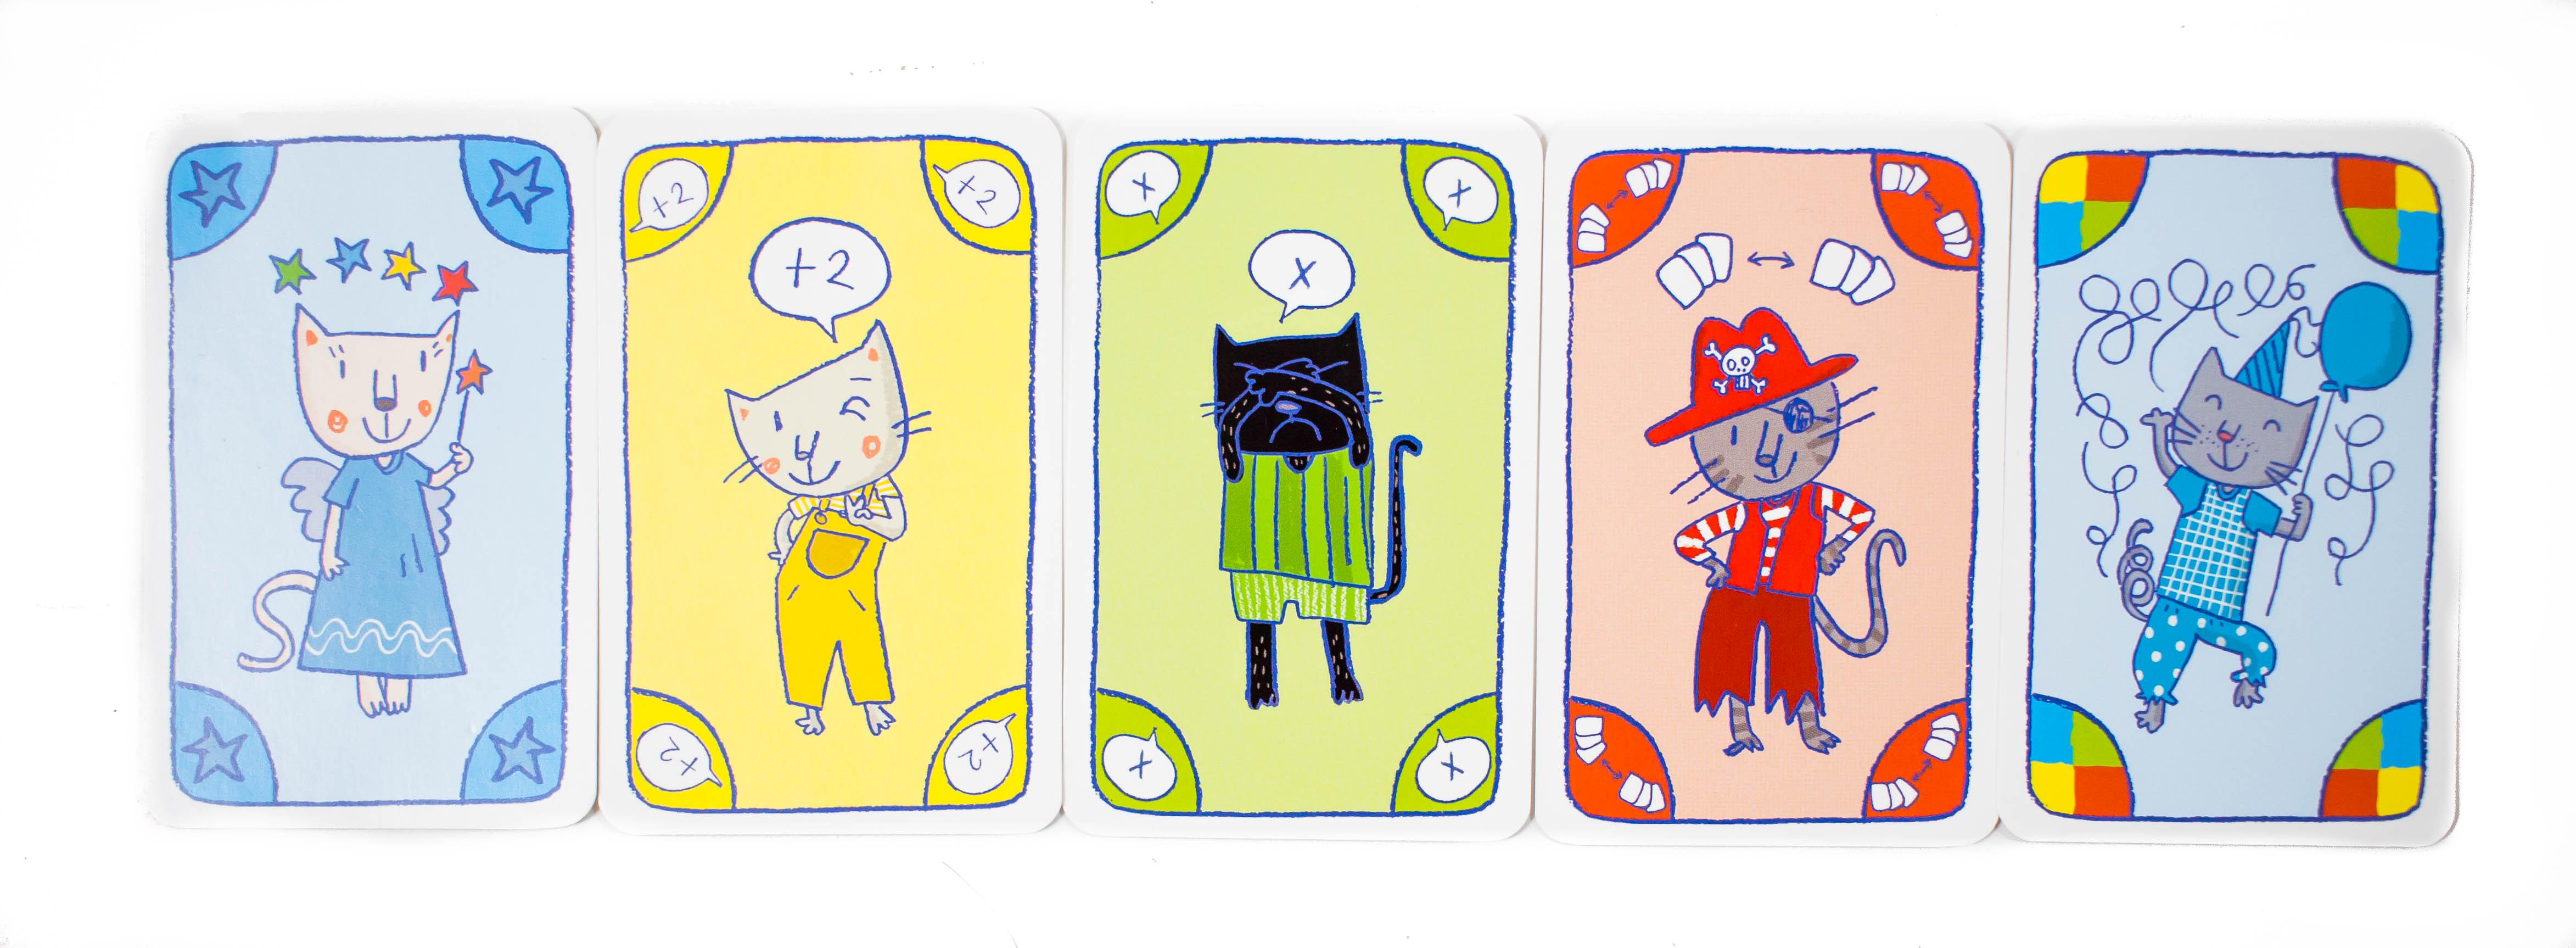 Tündérmacska, kacsintós cica, ünneprontó, kalóz, és parti macska